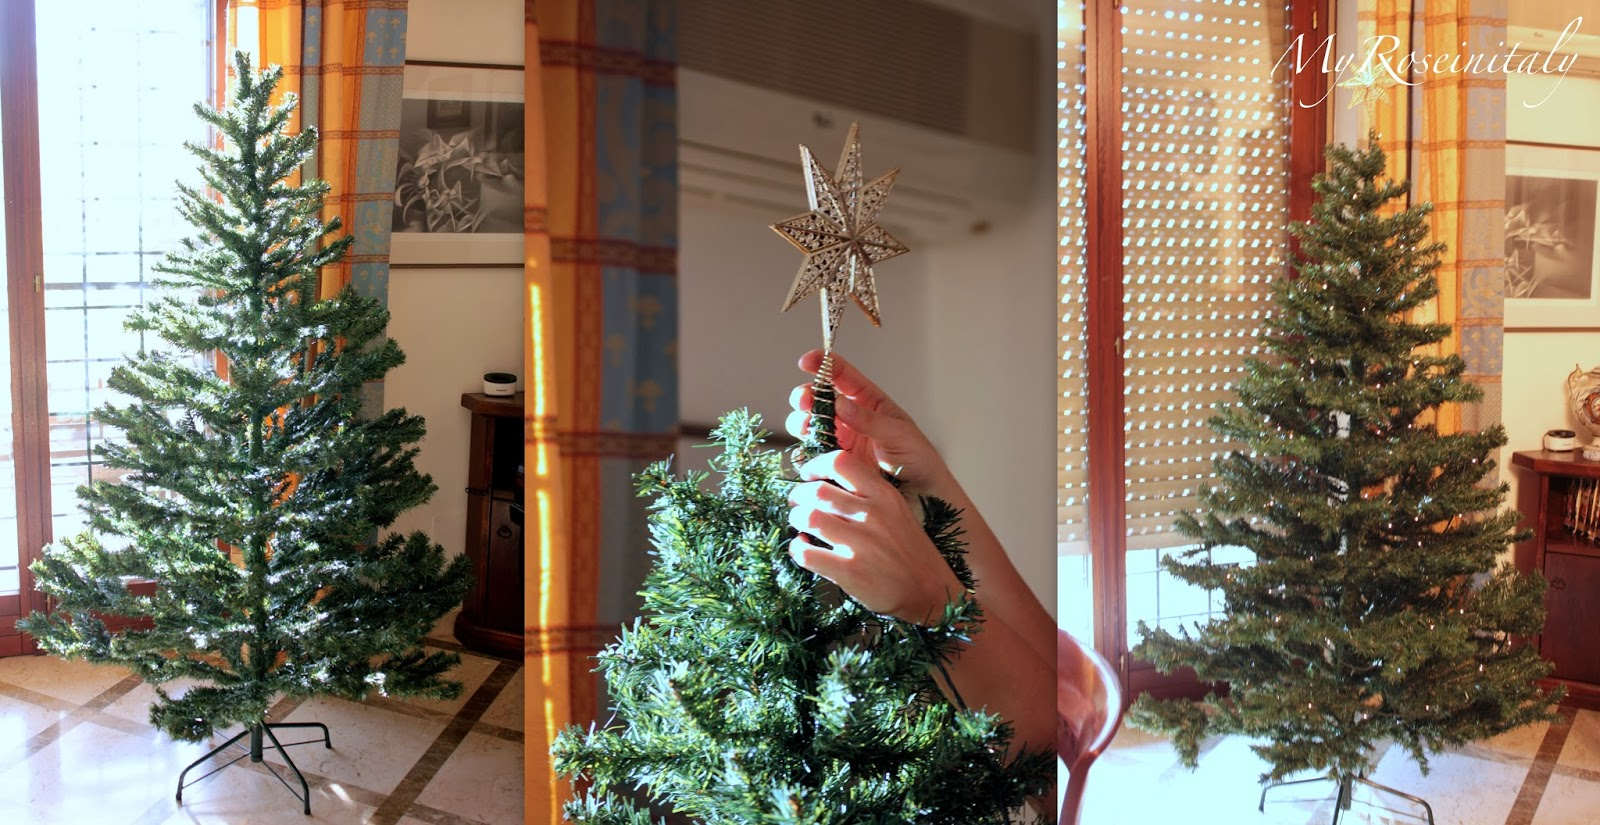 My roseinitaly come fare l 39 albero di natale for Albero di natale vero